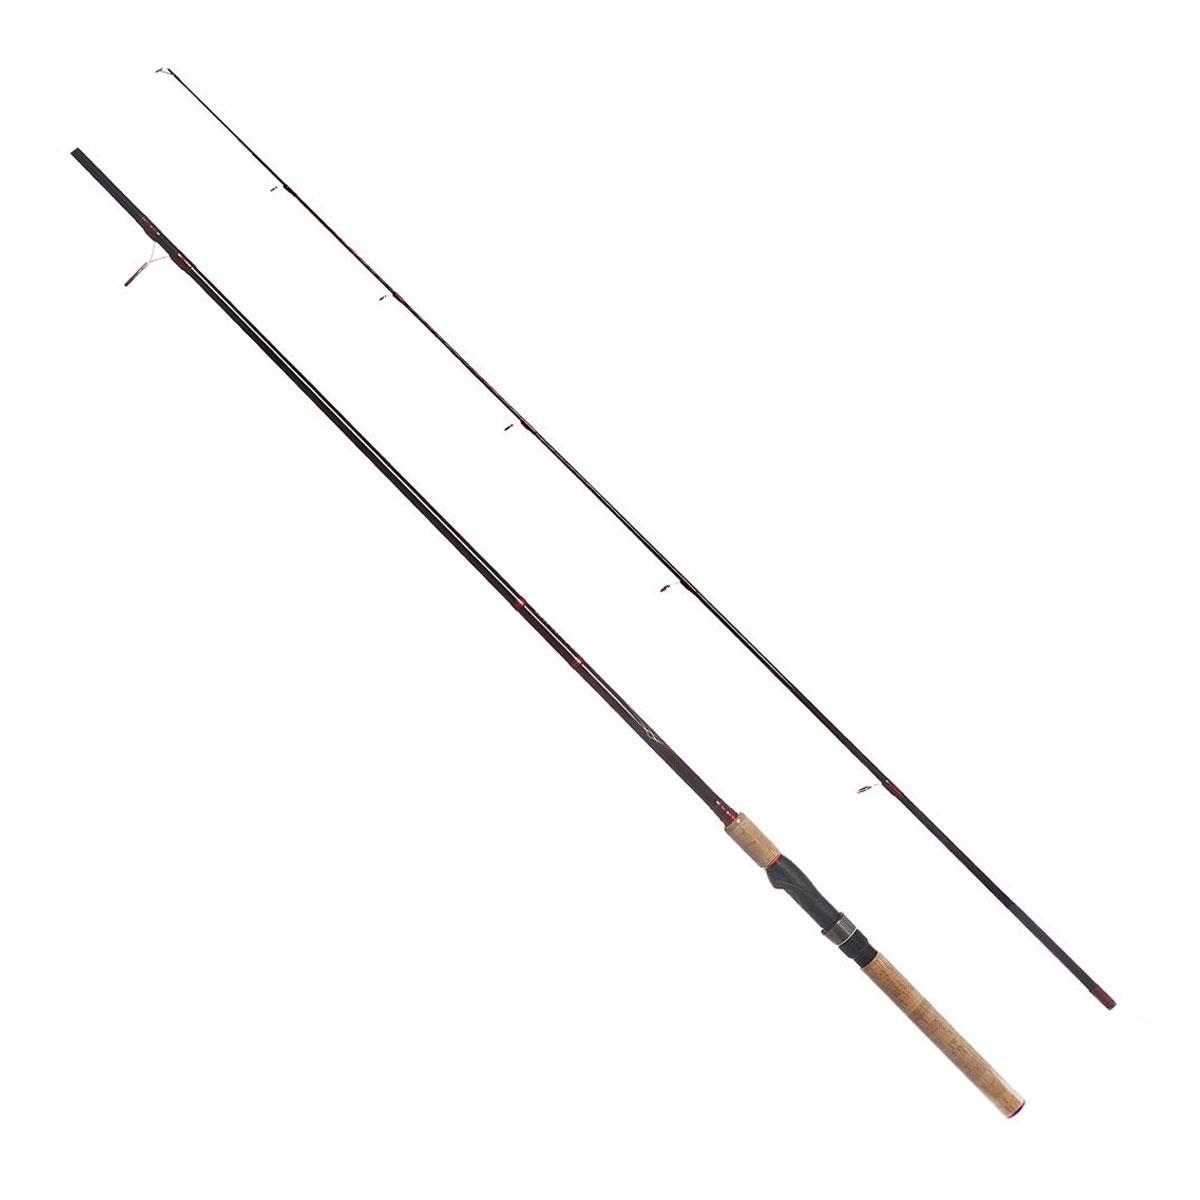 Удилище спиннинговое Daiwa Vulcan-AR, штекерное, цвет: черный, 2,13 м, 5-28 г